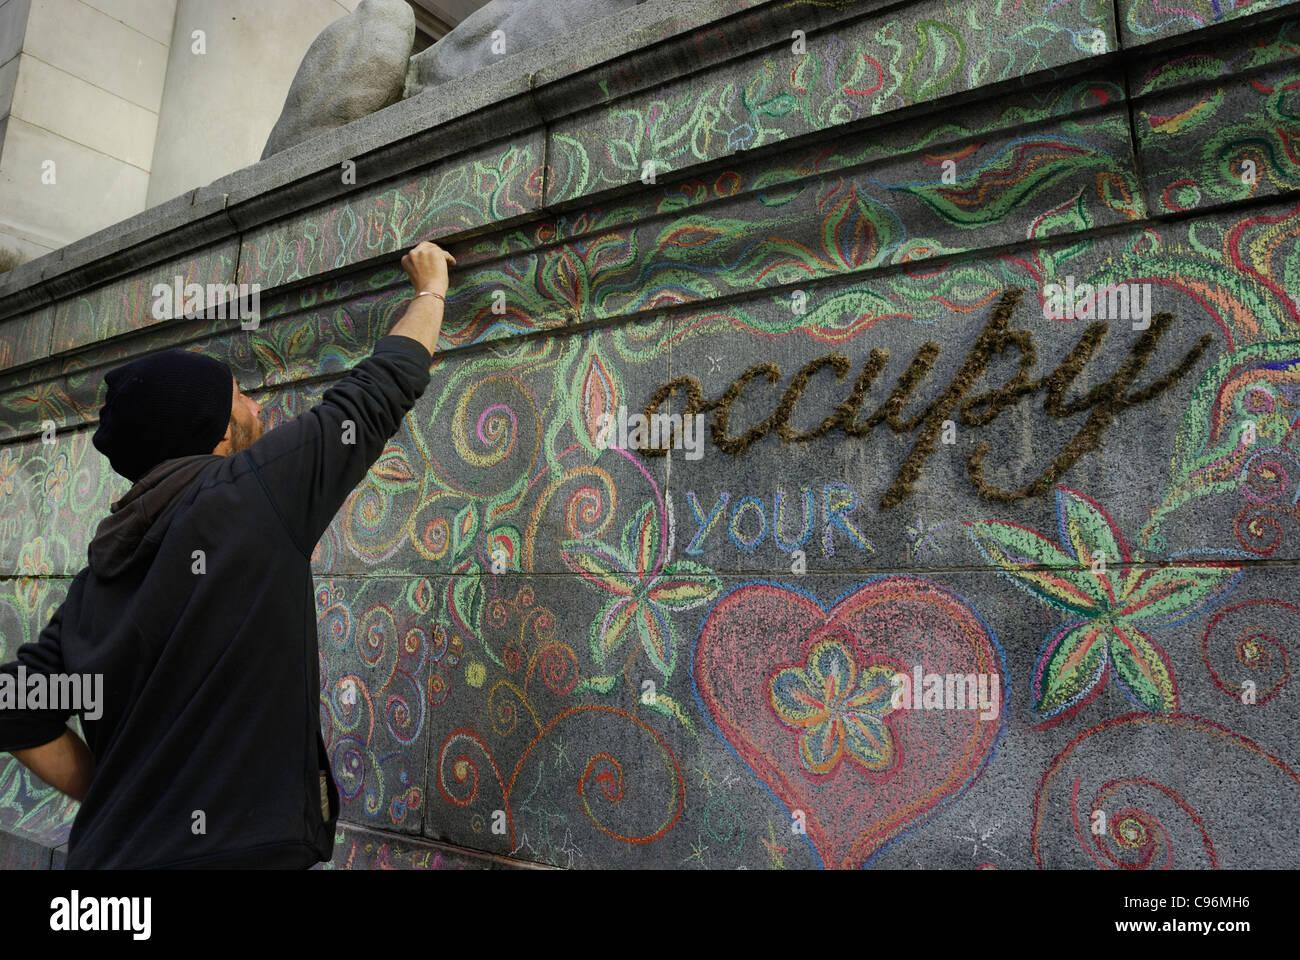 Manifestante creando arte con tiza de color en las paredes de granito de la galería de arte de Vancouver. Imagen De Stock